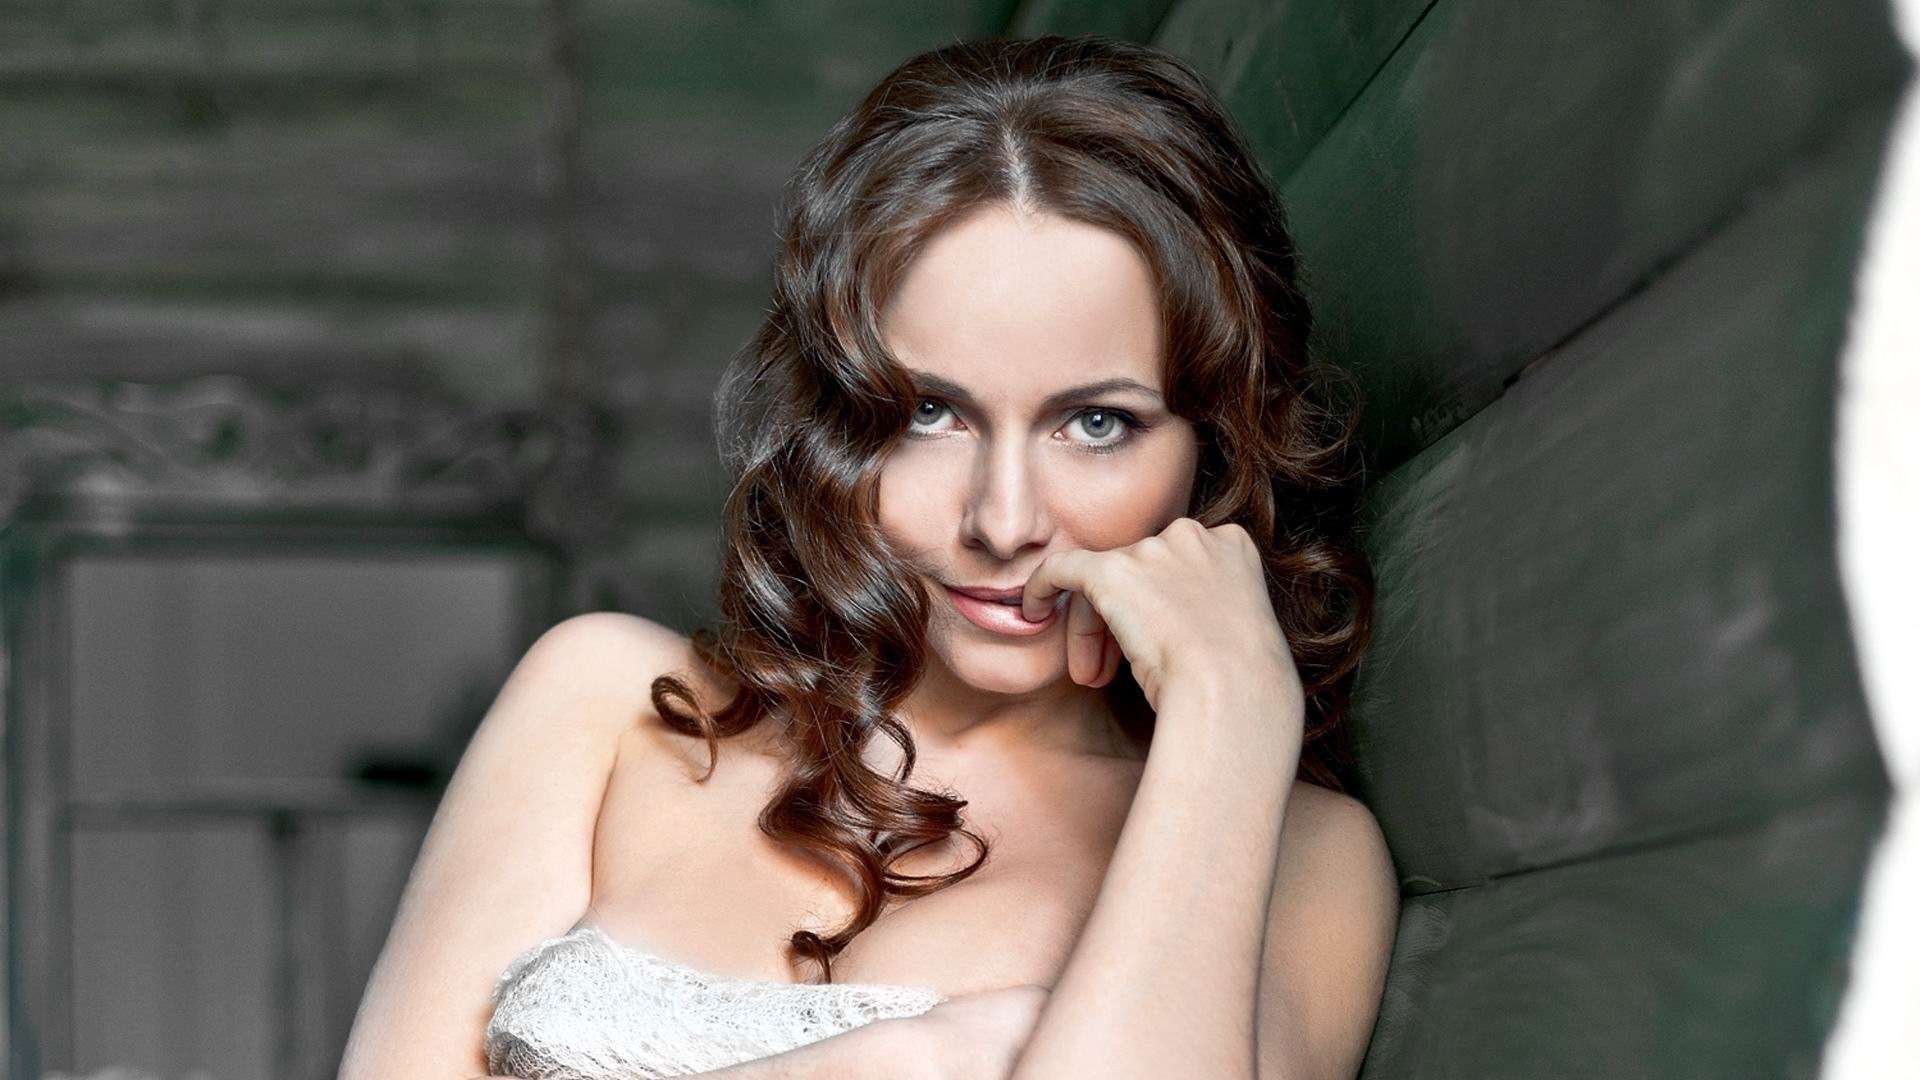 skandalnie-golie-foto-ekaterini-kati-gusevoy